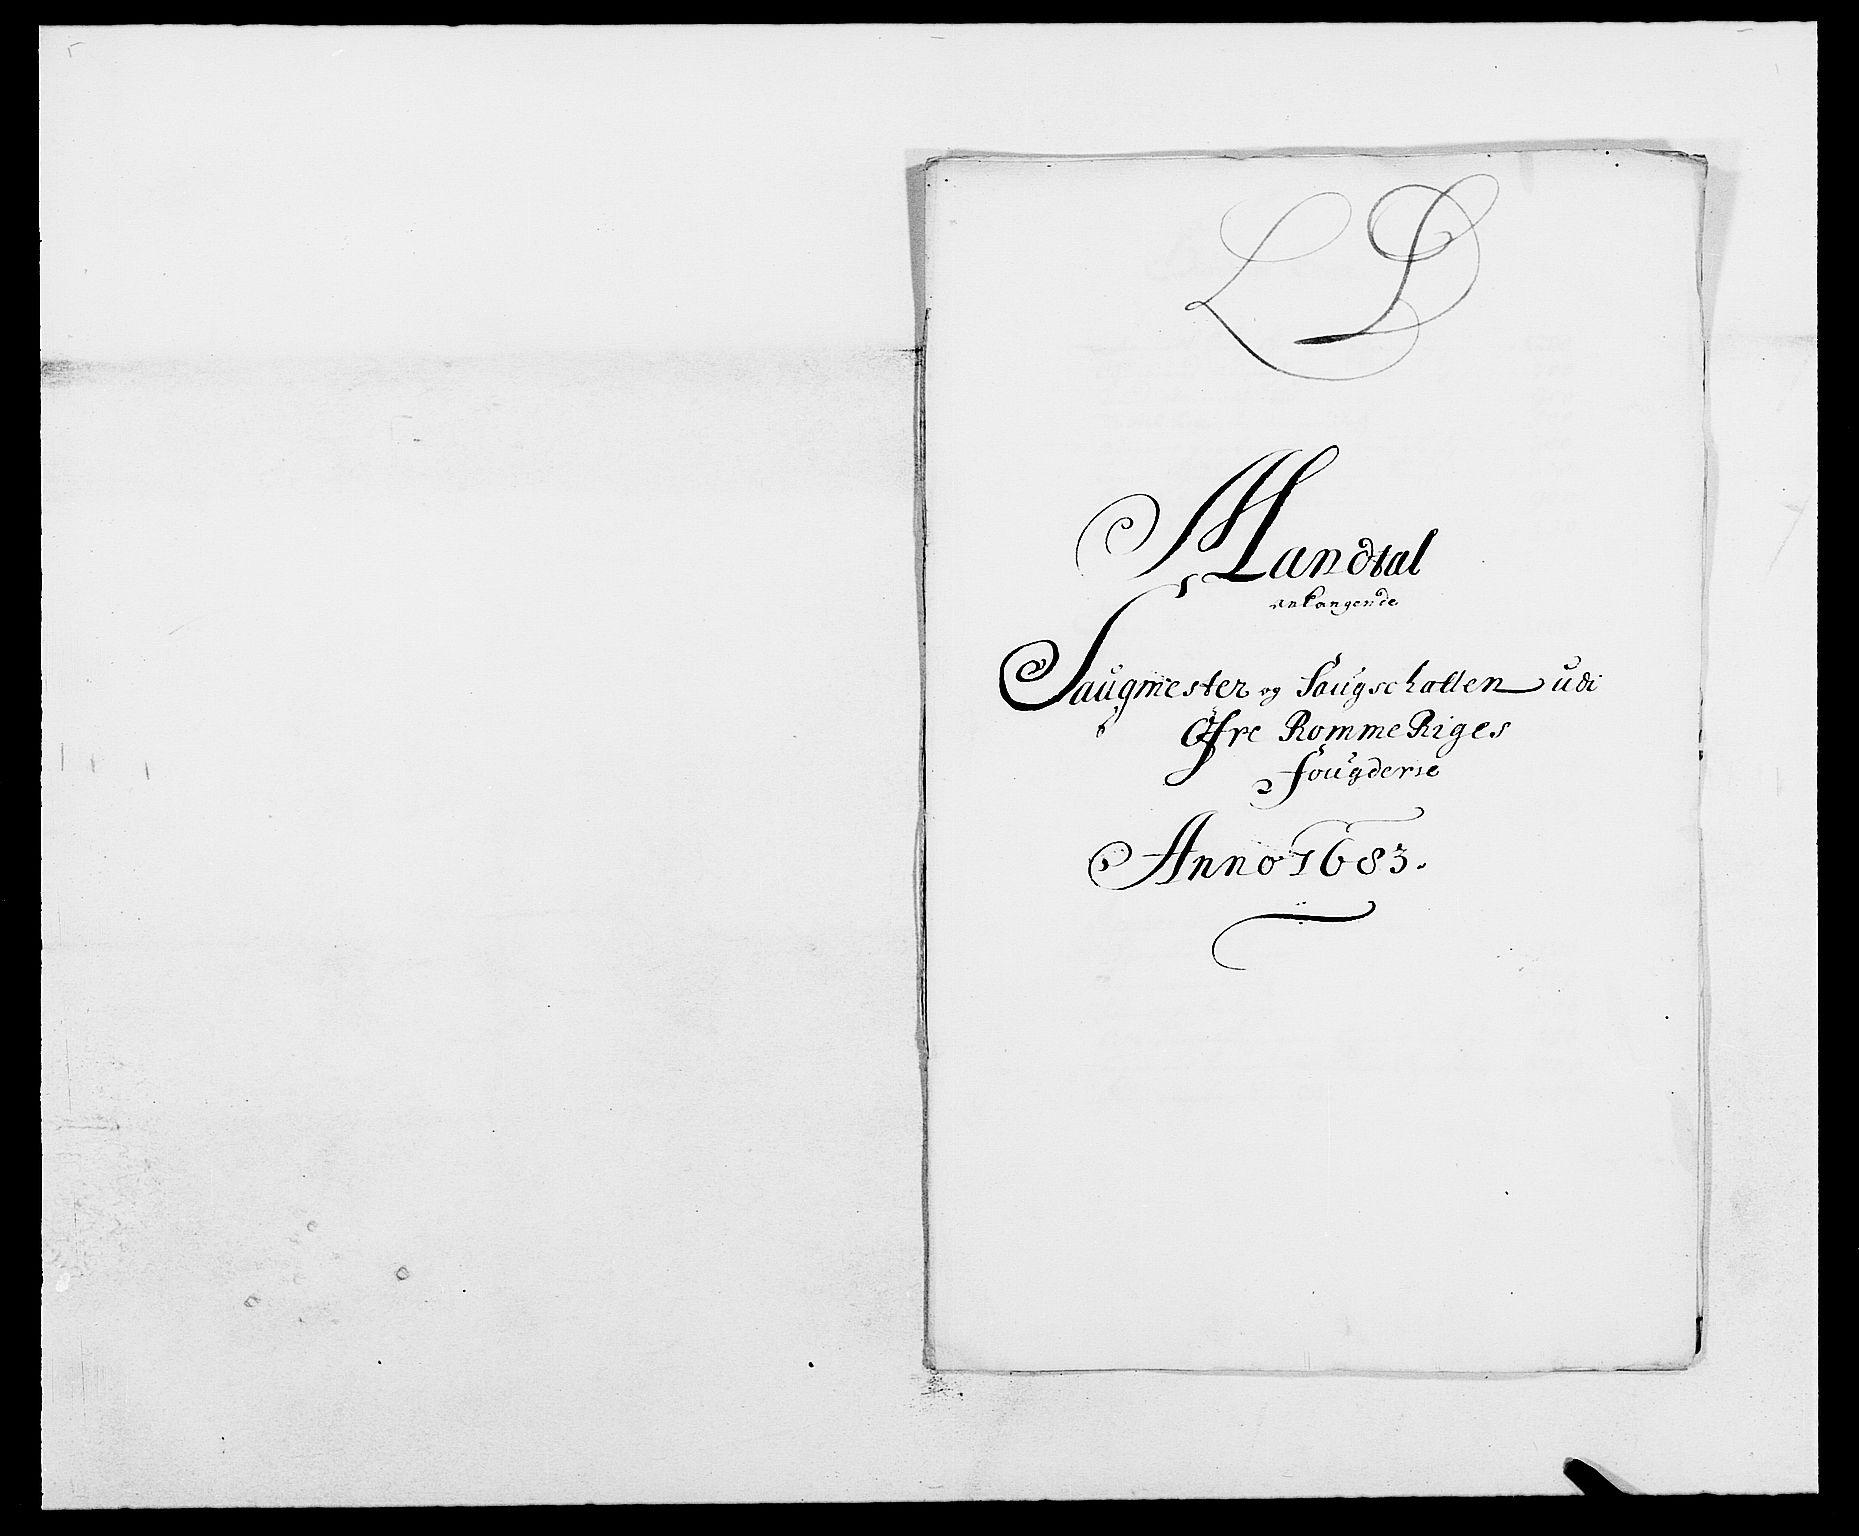 RA, Rentekammeret inntil 1814, Reviderte regnskaper, Fogderegnskap, R12/L0697: Fogderegnskap Øvre Romerike, 1682-1683, s. 314